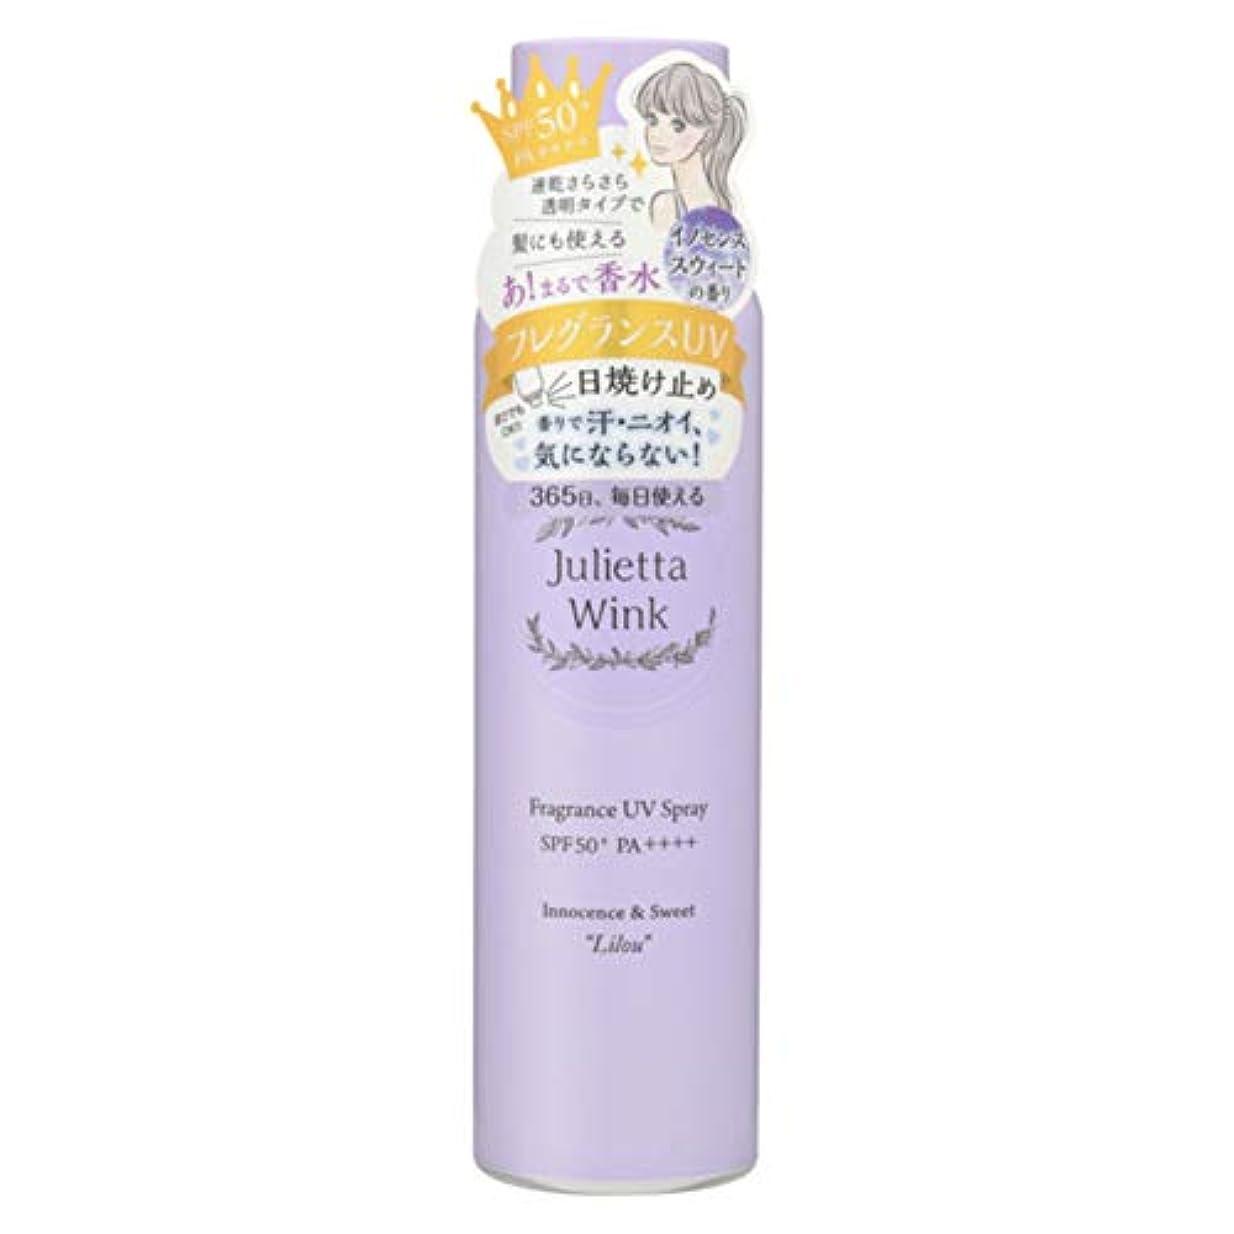 恐ろしいスペース魅惑するジュリエッタウィンク フレグランス UVスプレー[リル]100g イノセンススウィートの香り(紫)